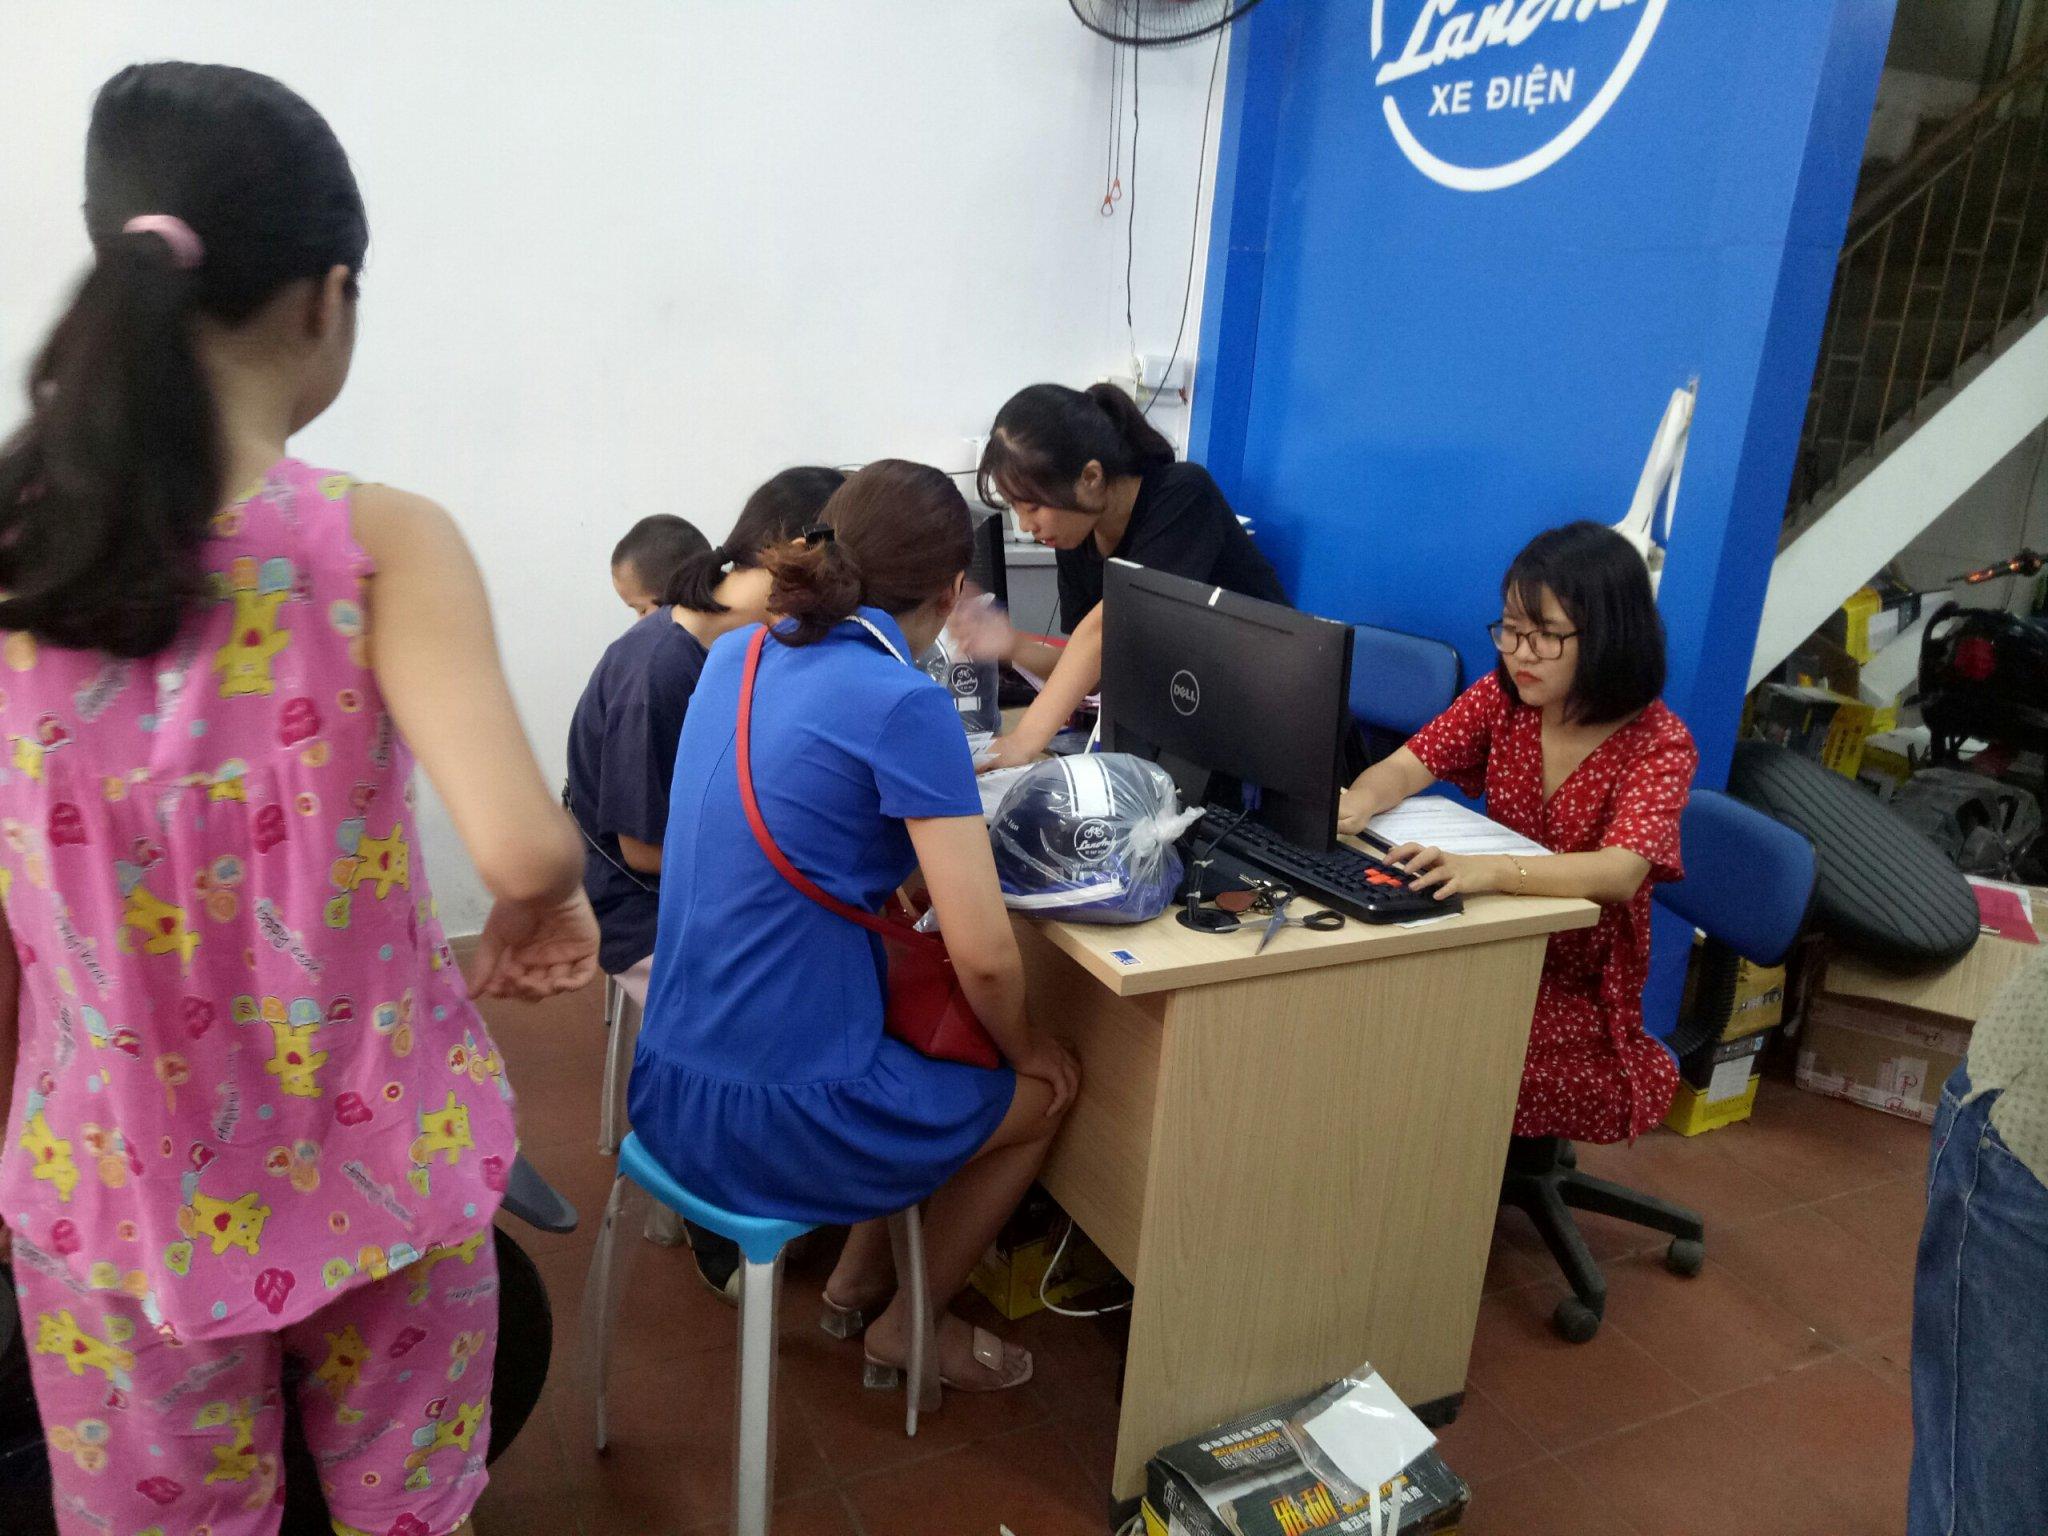 Hỗ trợ dịch vụ tại cửa hàng Xe Điện Lan Anh